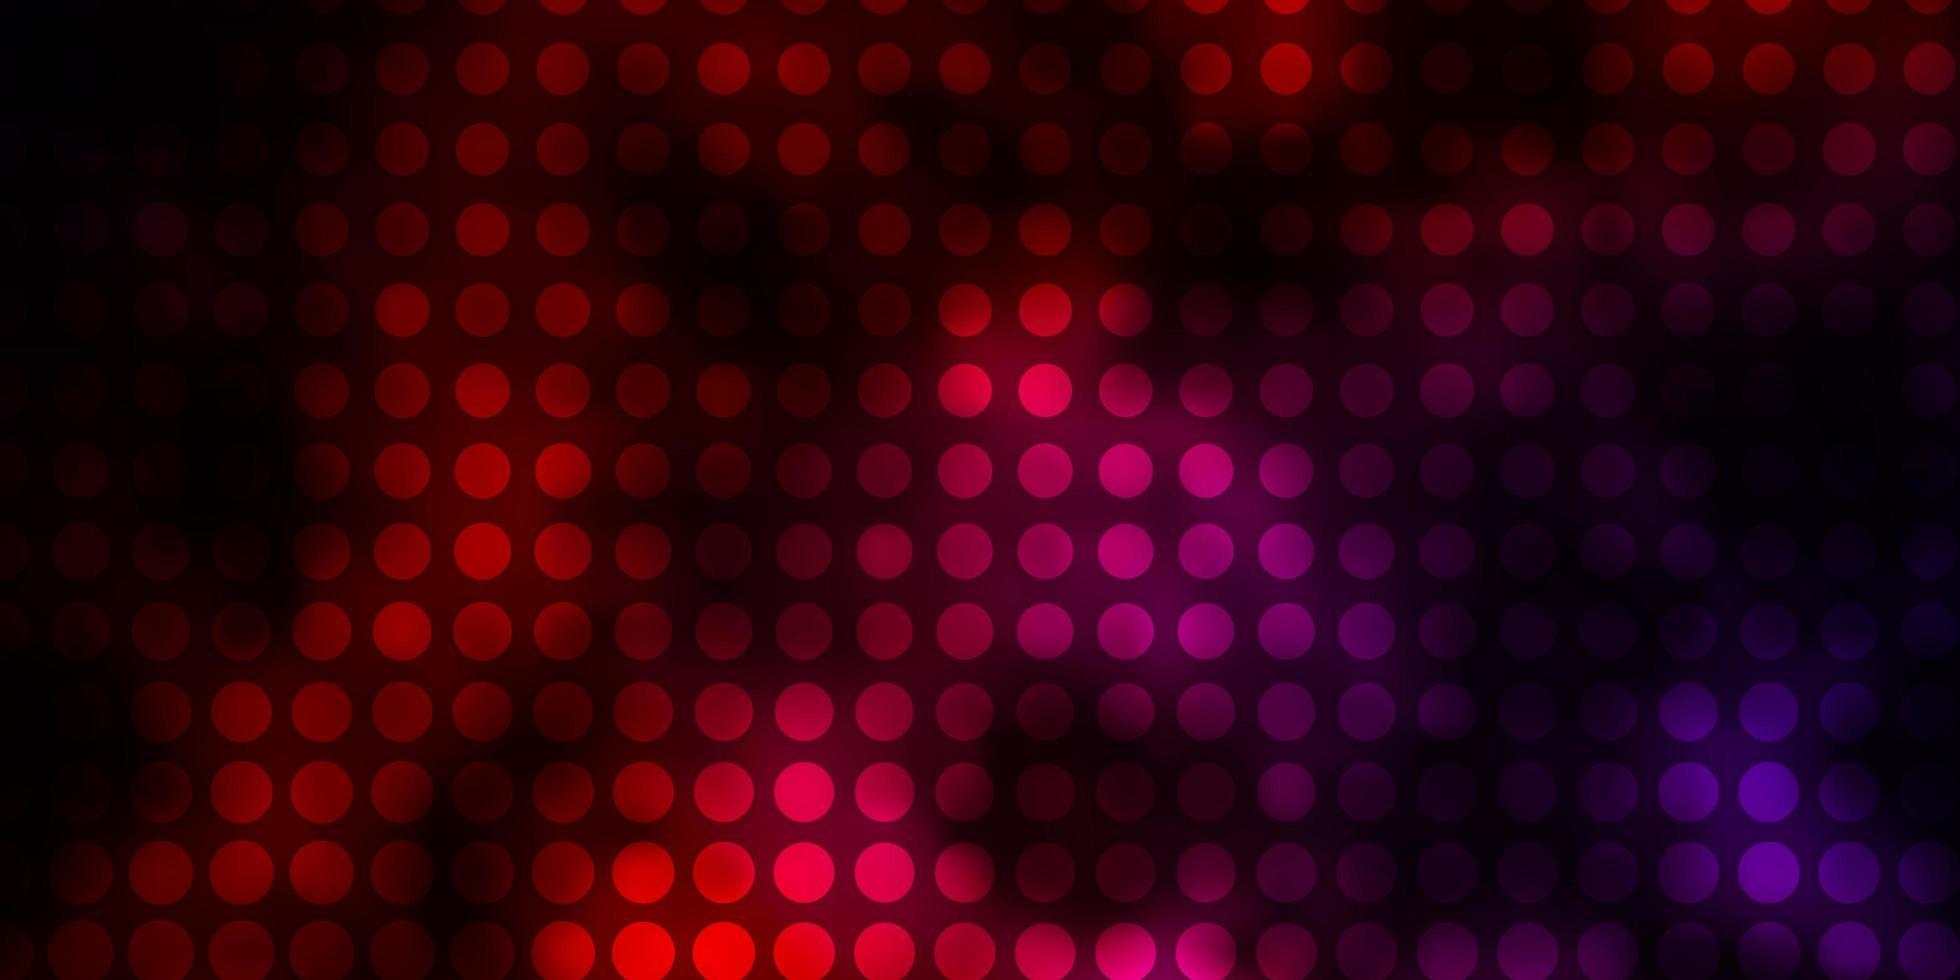 toile de fond de vecteur rose et rouge foncé avec des cercles.